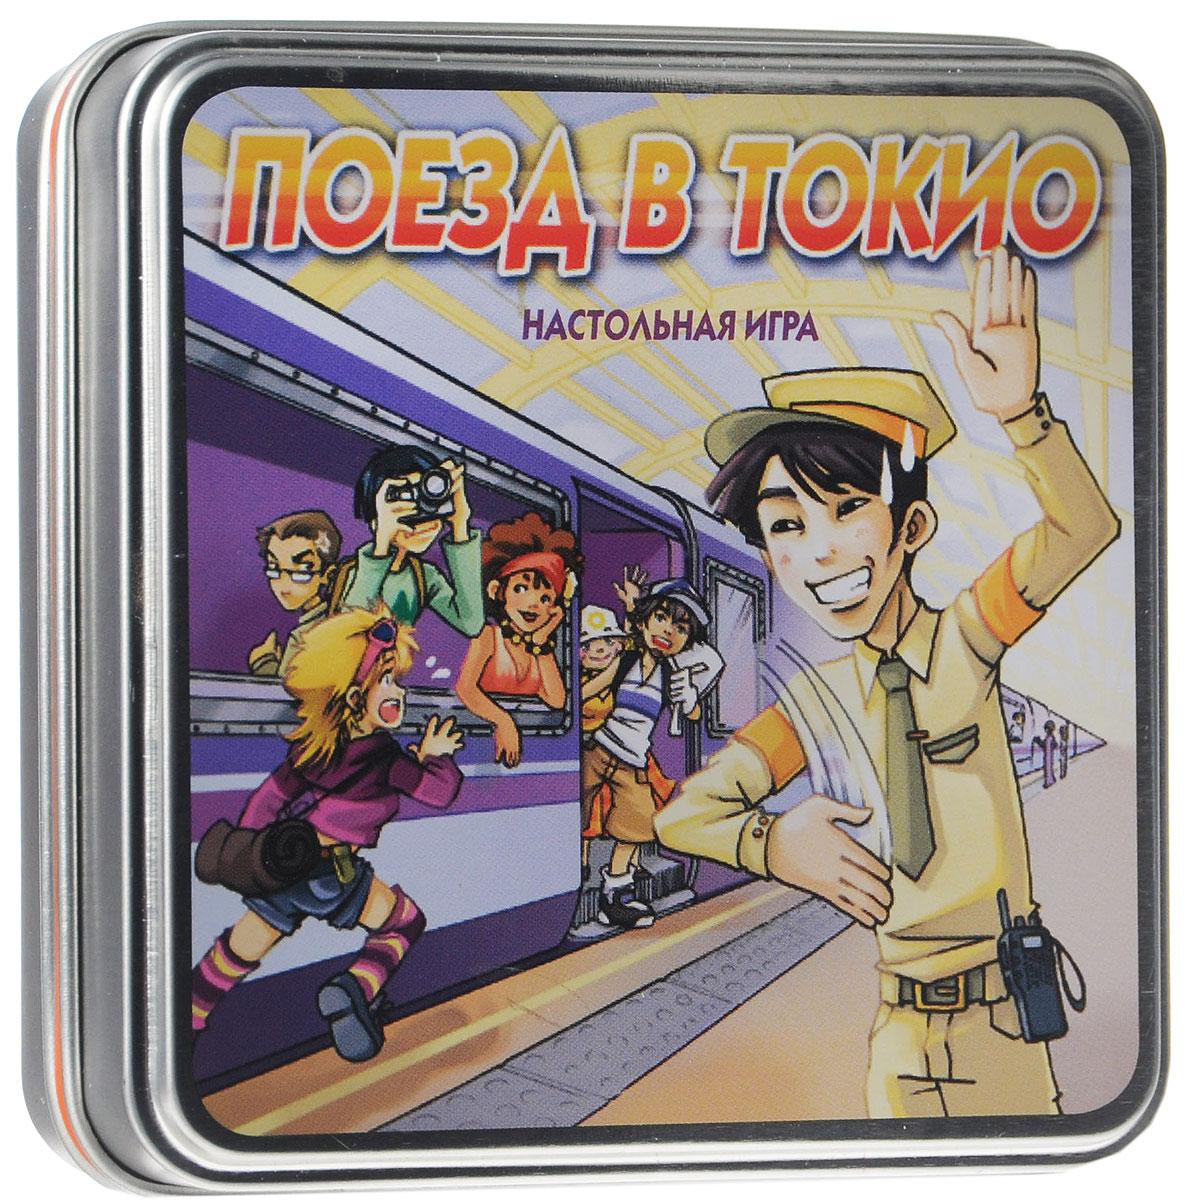 Cocktail Games Настольная игра Поезд в Токио3760052140792В токийских поездах людно и шумно, к тому же большинство туристов не знают японского языка. Как же японскому проводнику рассадить туристов по местам? В игре Cocktail Games Поезд в Токио половина игроков будет играть за японцев, а половина за туристов. Задача японцев, используя 7 японских слов и 3 интернациональных взмаха руками, как можно быстрее объяснить туристам задание. А задача туристов всё быстро понять и выполнить. Выигрывают самые сообразительные и коммуникабельные. Прекрасно подходит для вечеринок. Состав игры: 16 карт купе (4 купе на девять мест и 12 купе на шесть мест), 24 карты туристов, 8 карты направлений, 1 пластиковая основа, 4 карты правил, в том числе правила на русском языке.